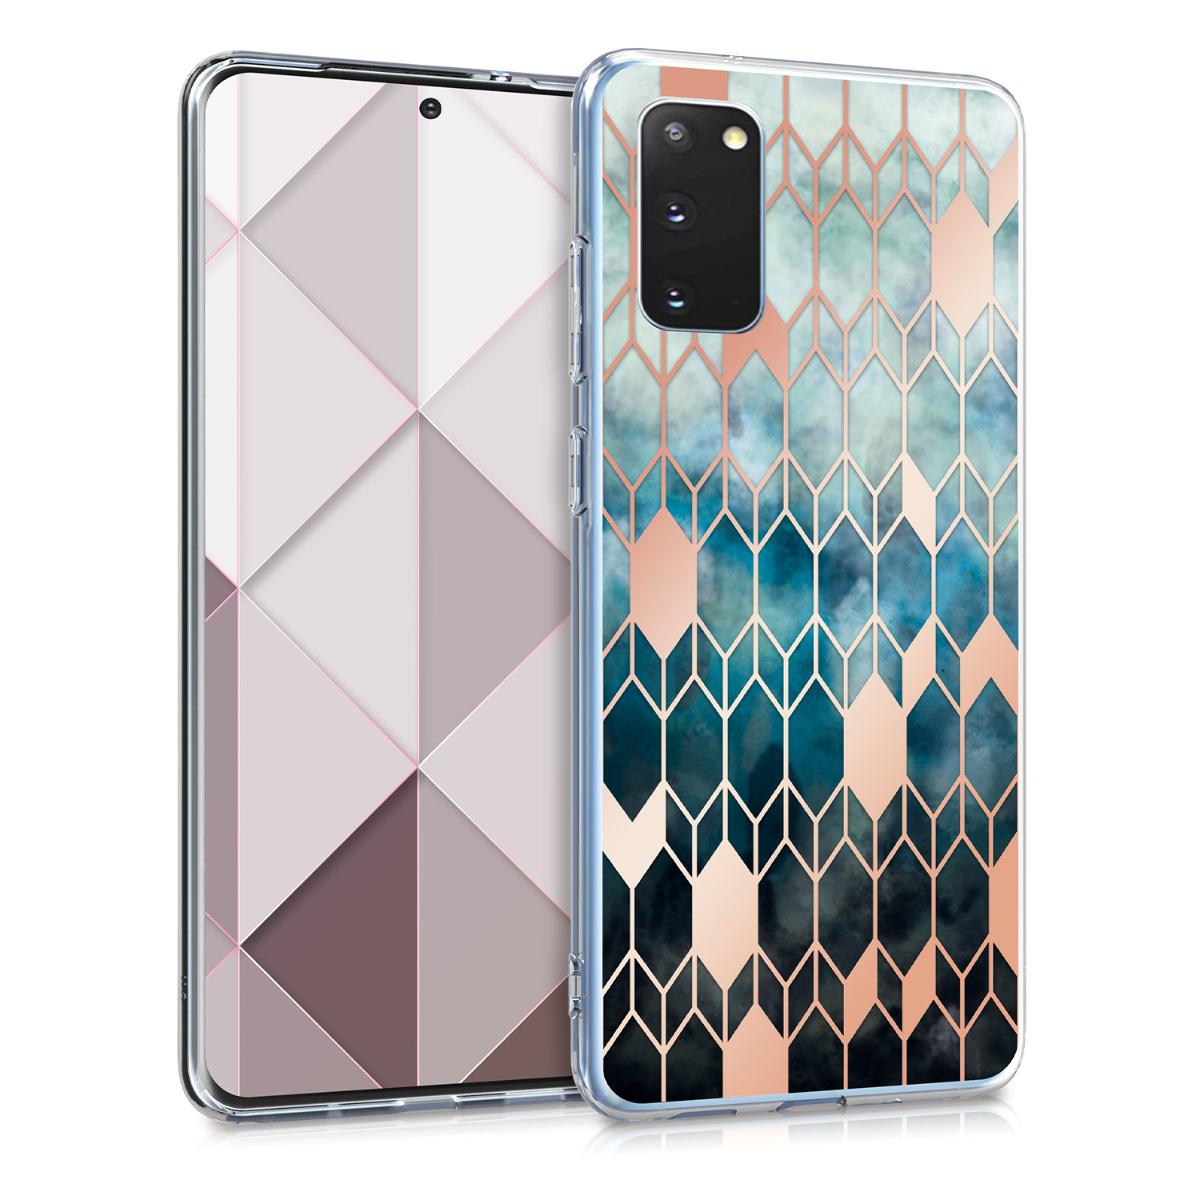 Silikonové pouzdro / obal pro Samsung S20 s IMD motivem